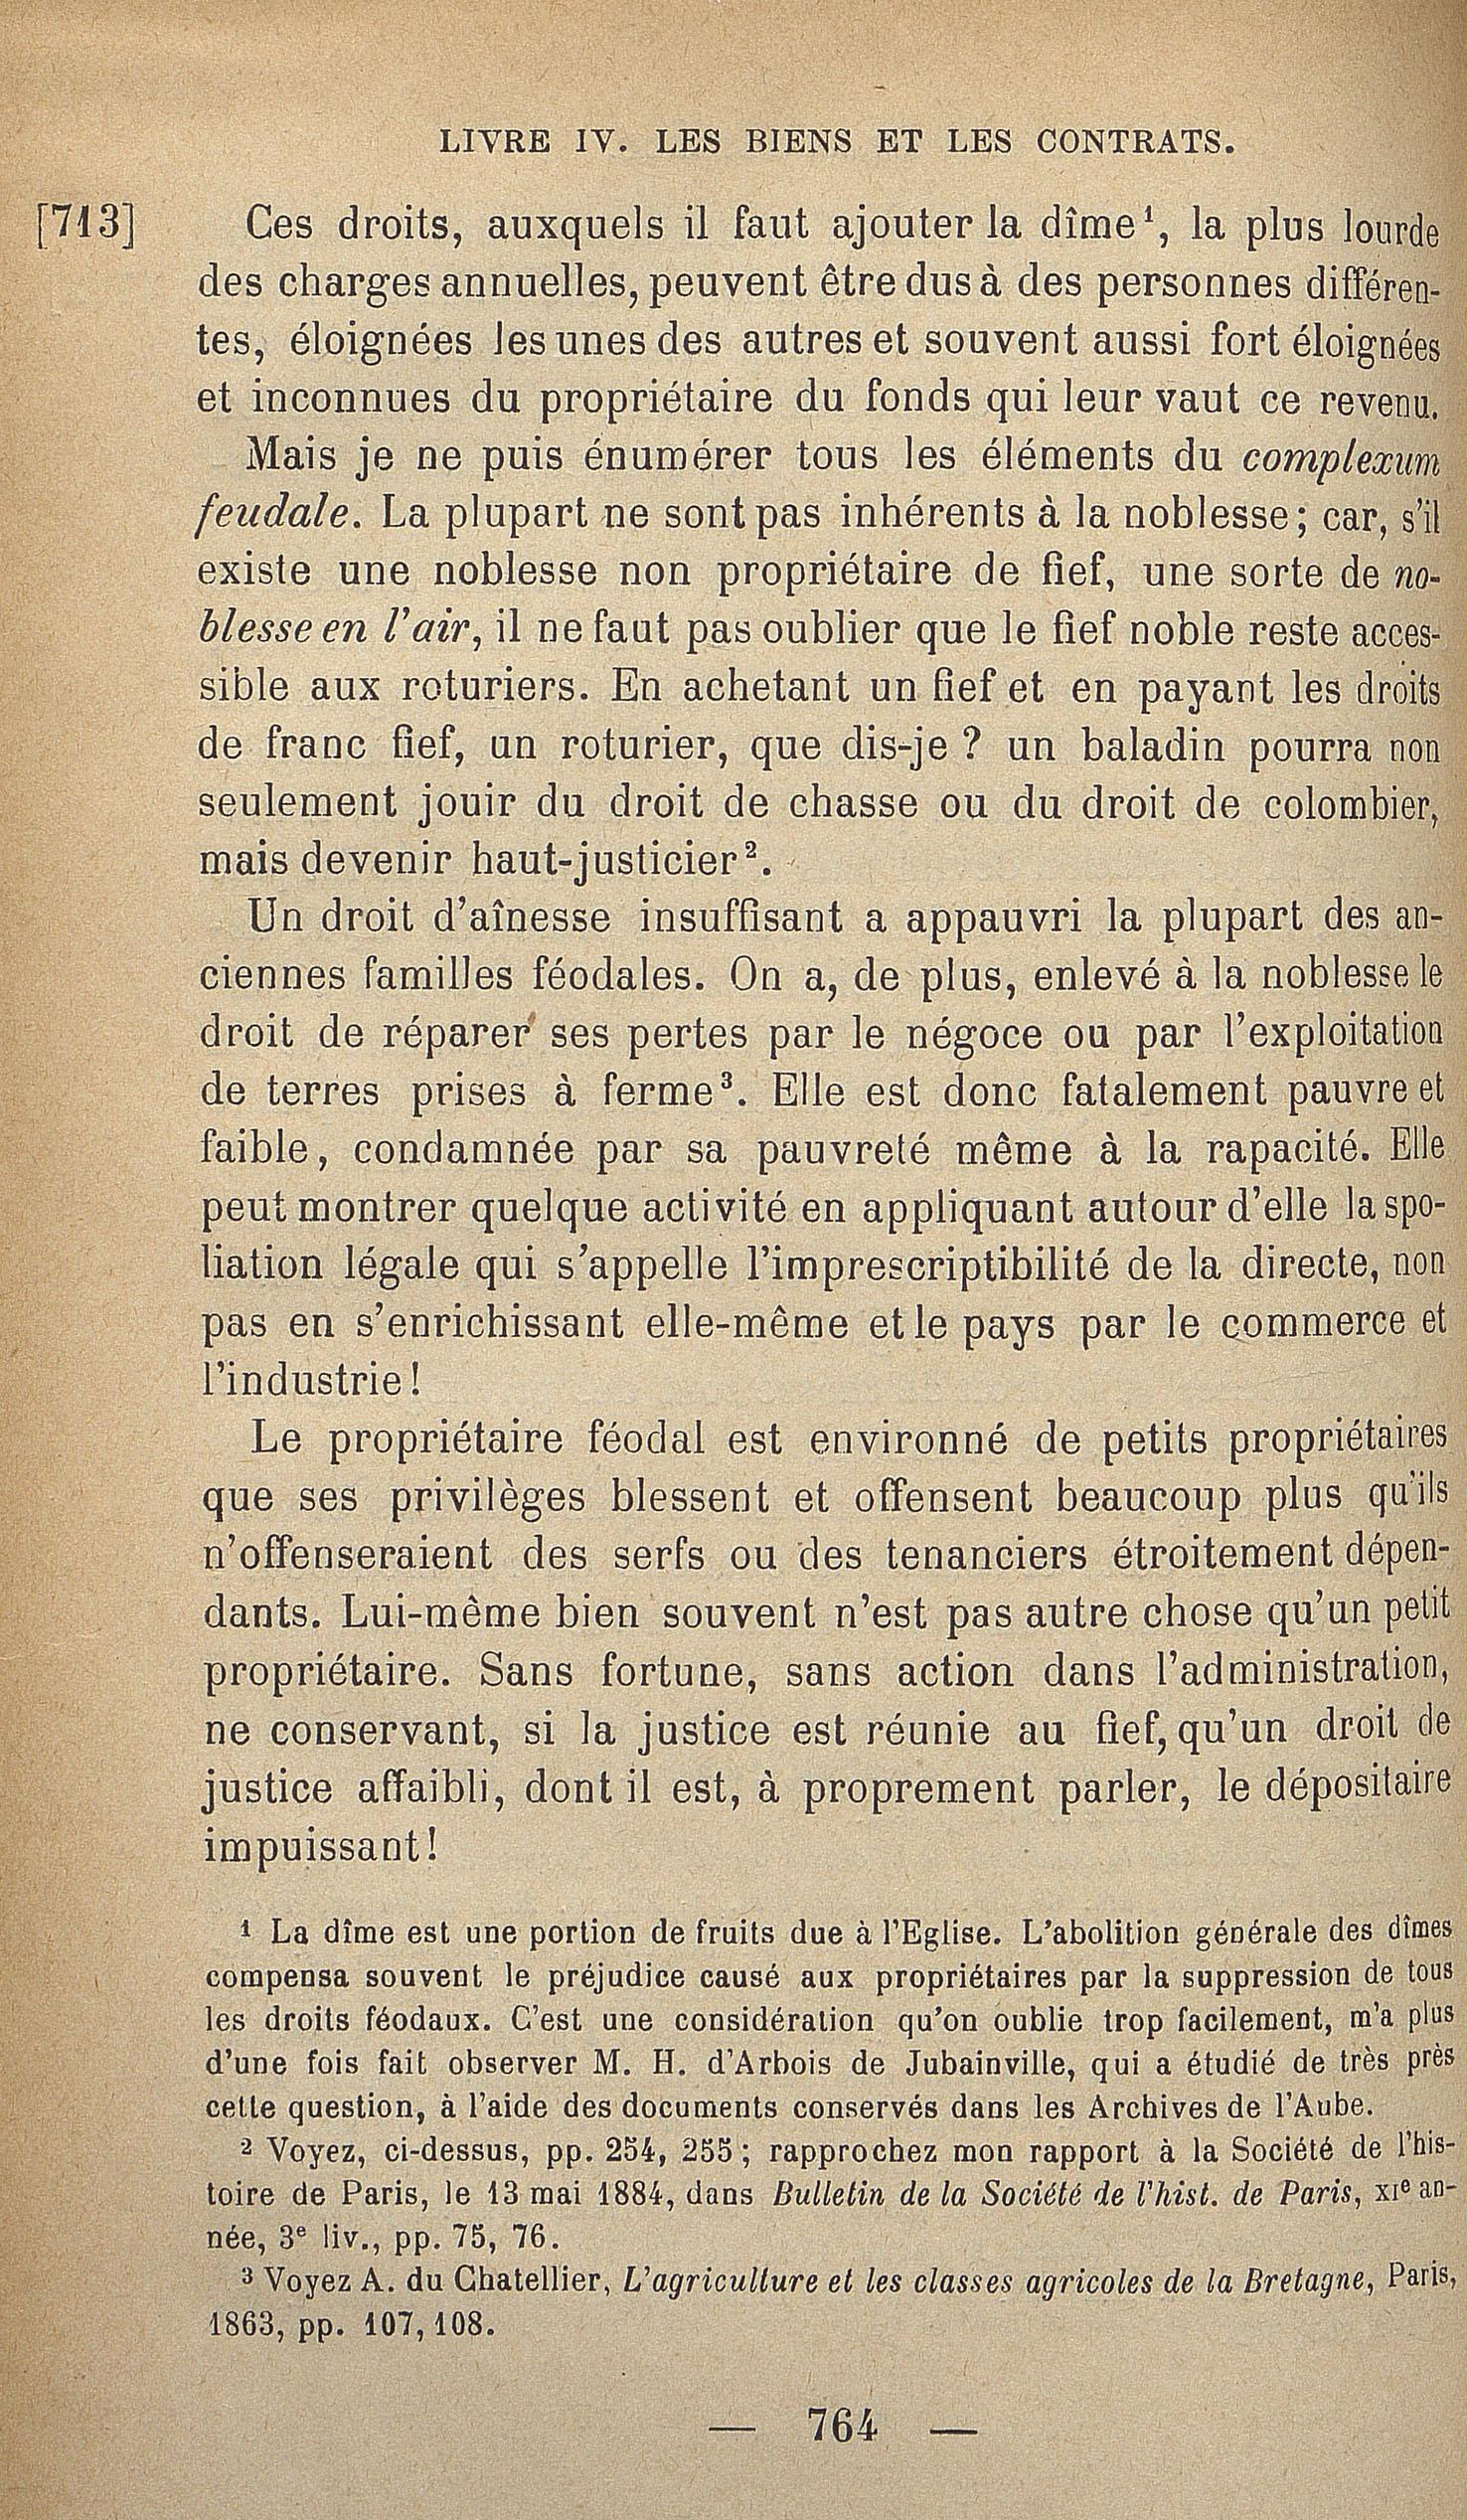 http://expo-paulviollet.univ-paris1.fr/wp-content/uploads/2016/02/0605121670_0774.jpg